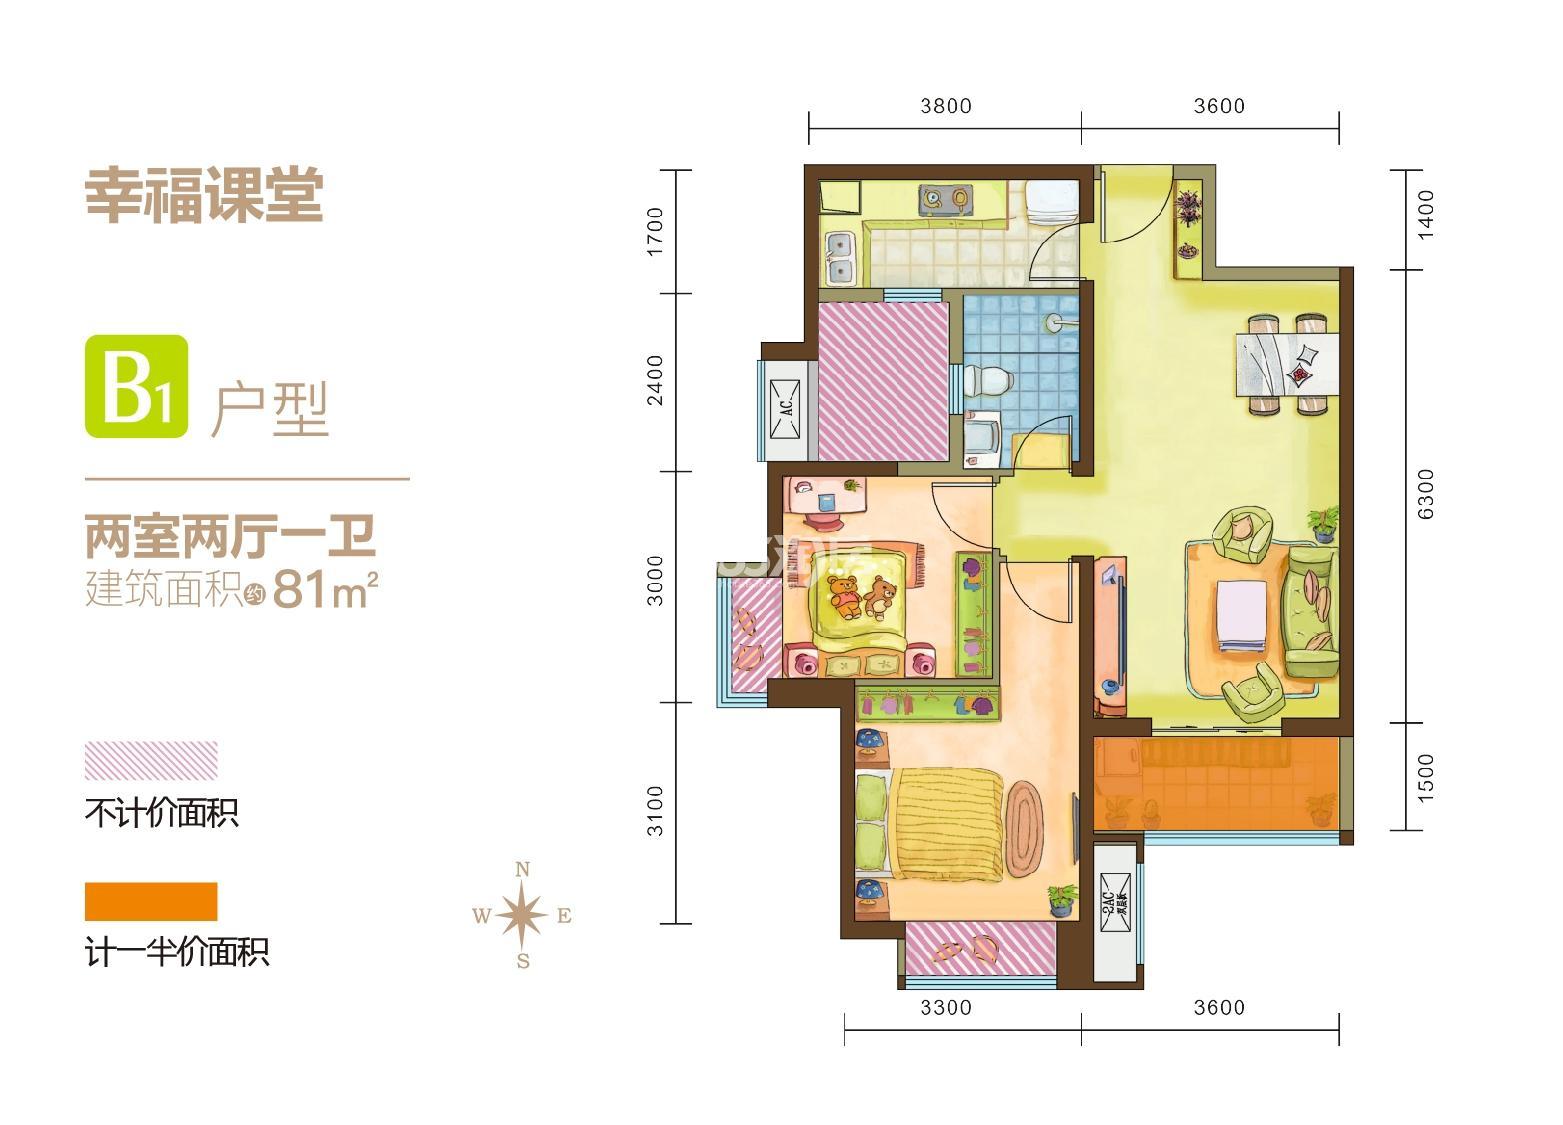 御锦城B1户型两室两厅一卫81㎡户型图